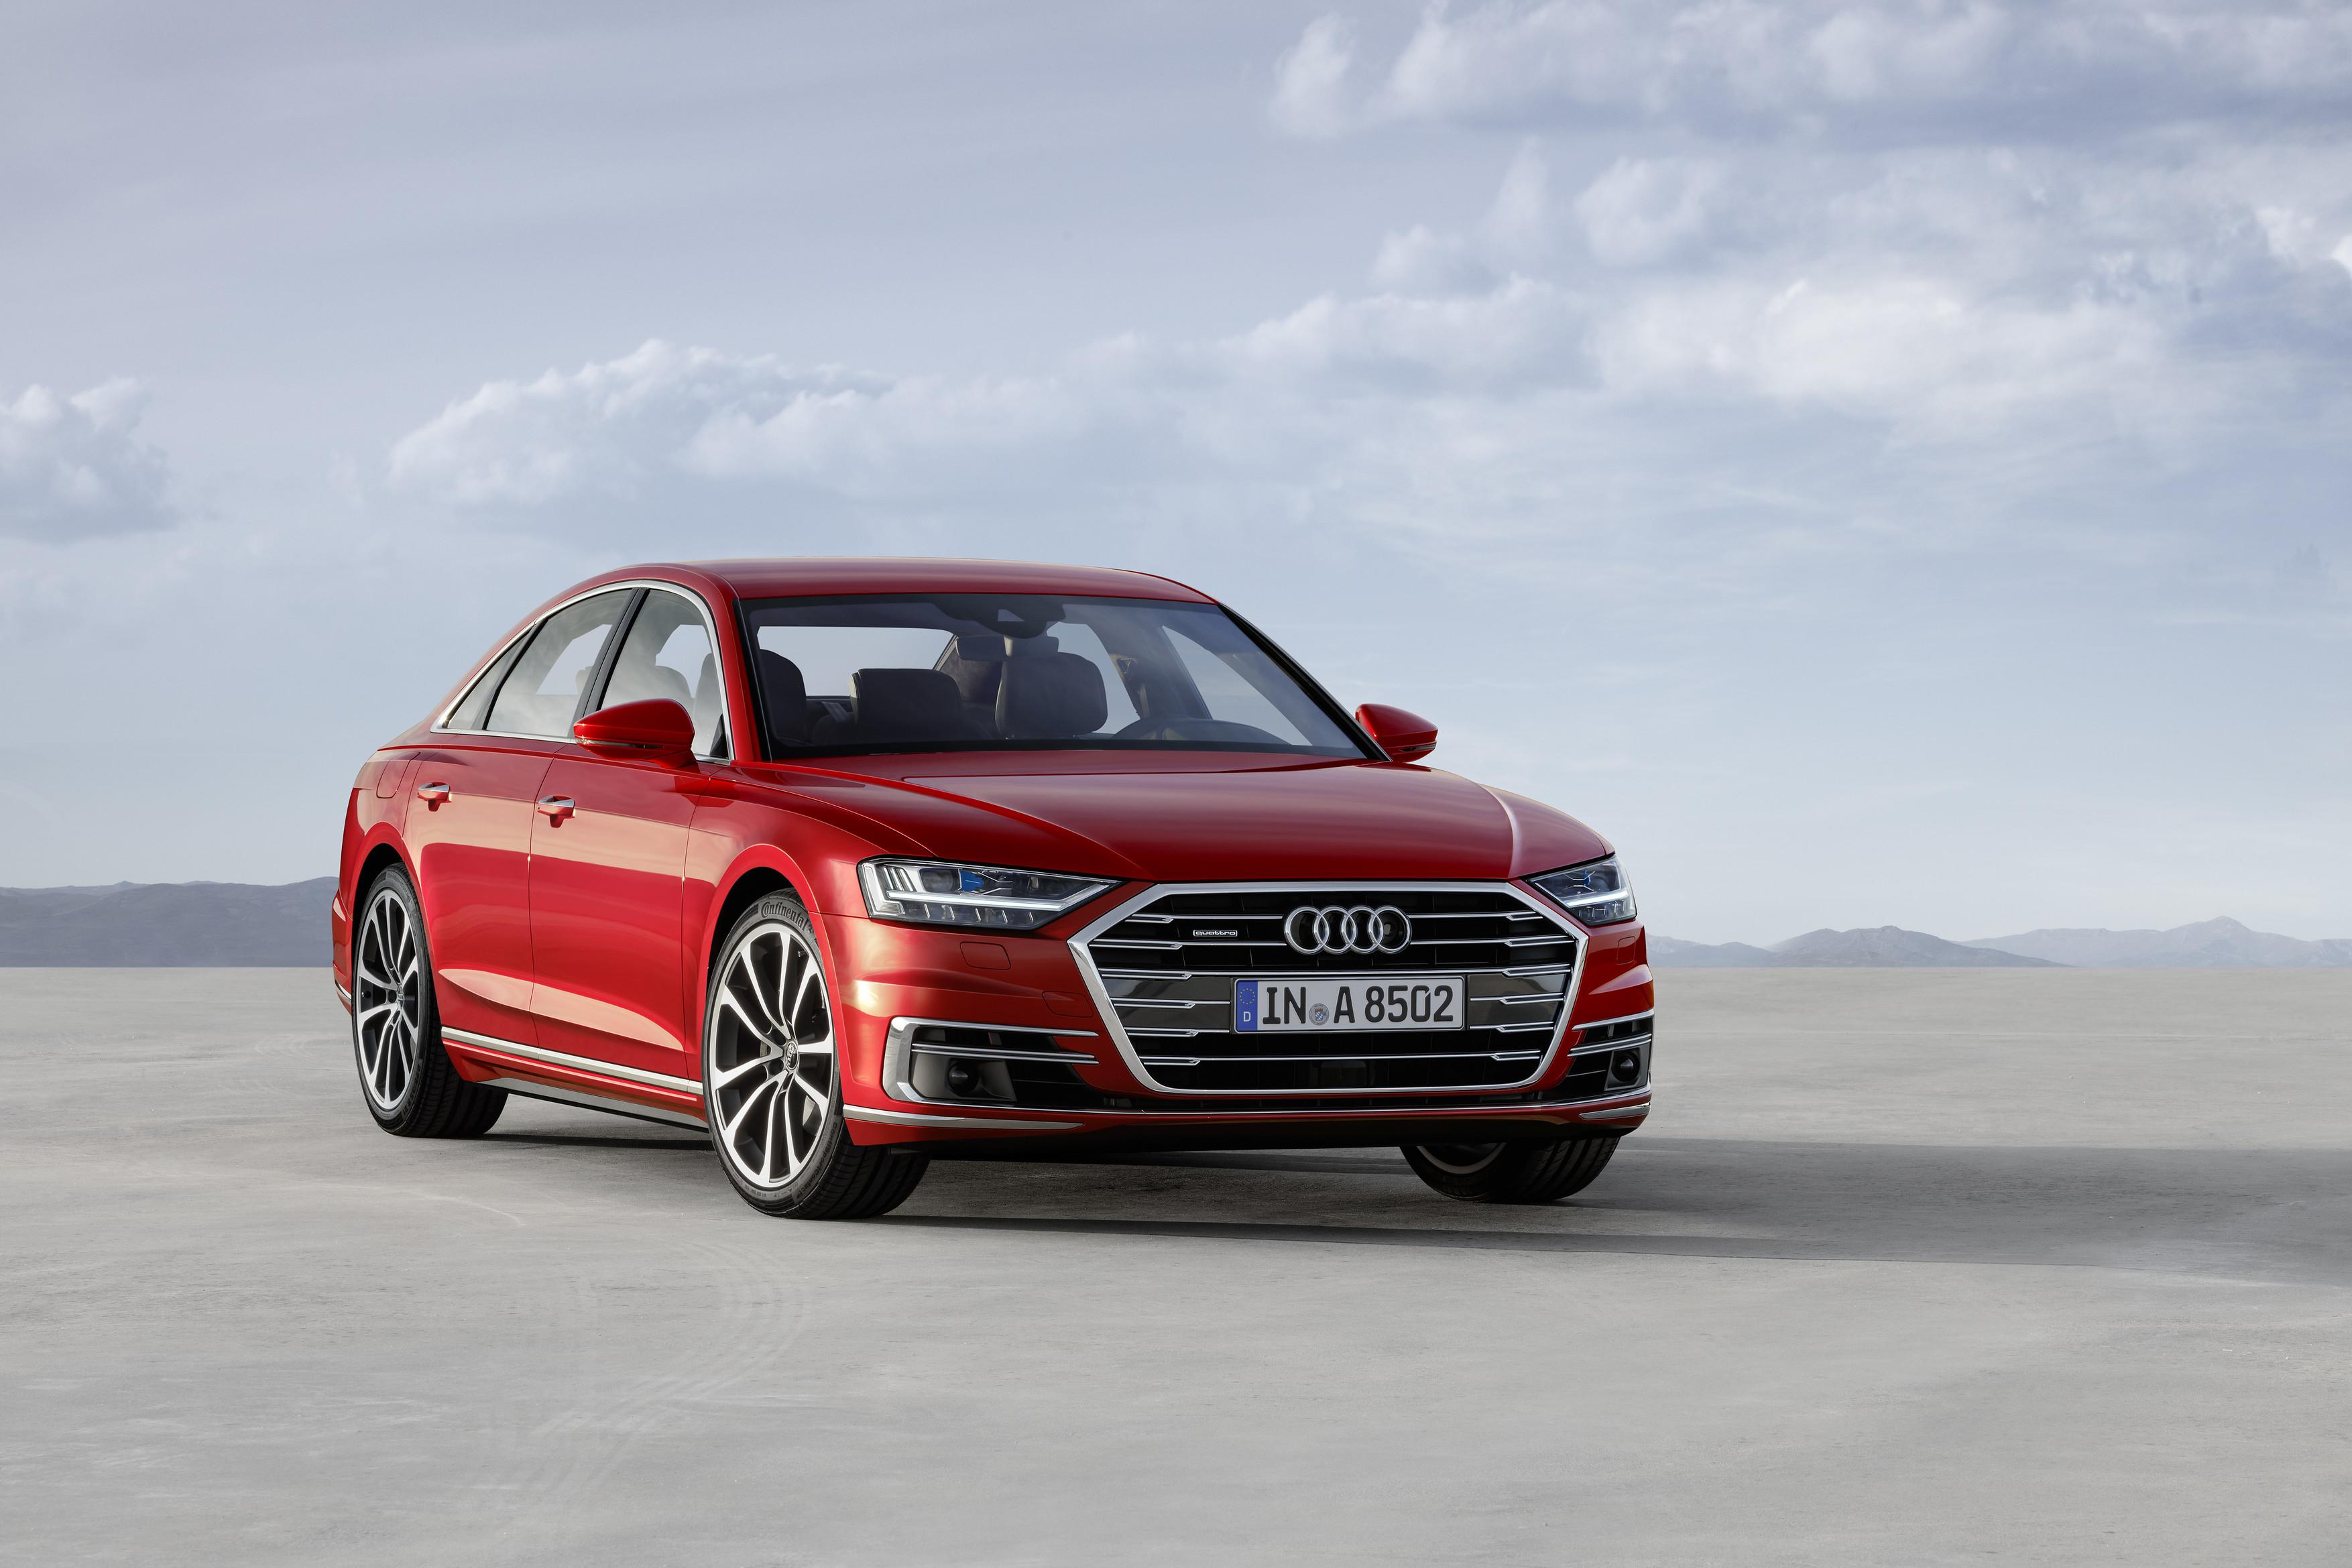 L'Audi A8 telle qu'elle est vendue actuellement.